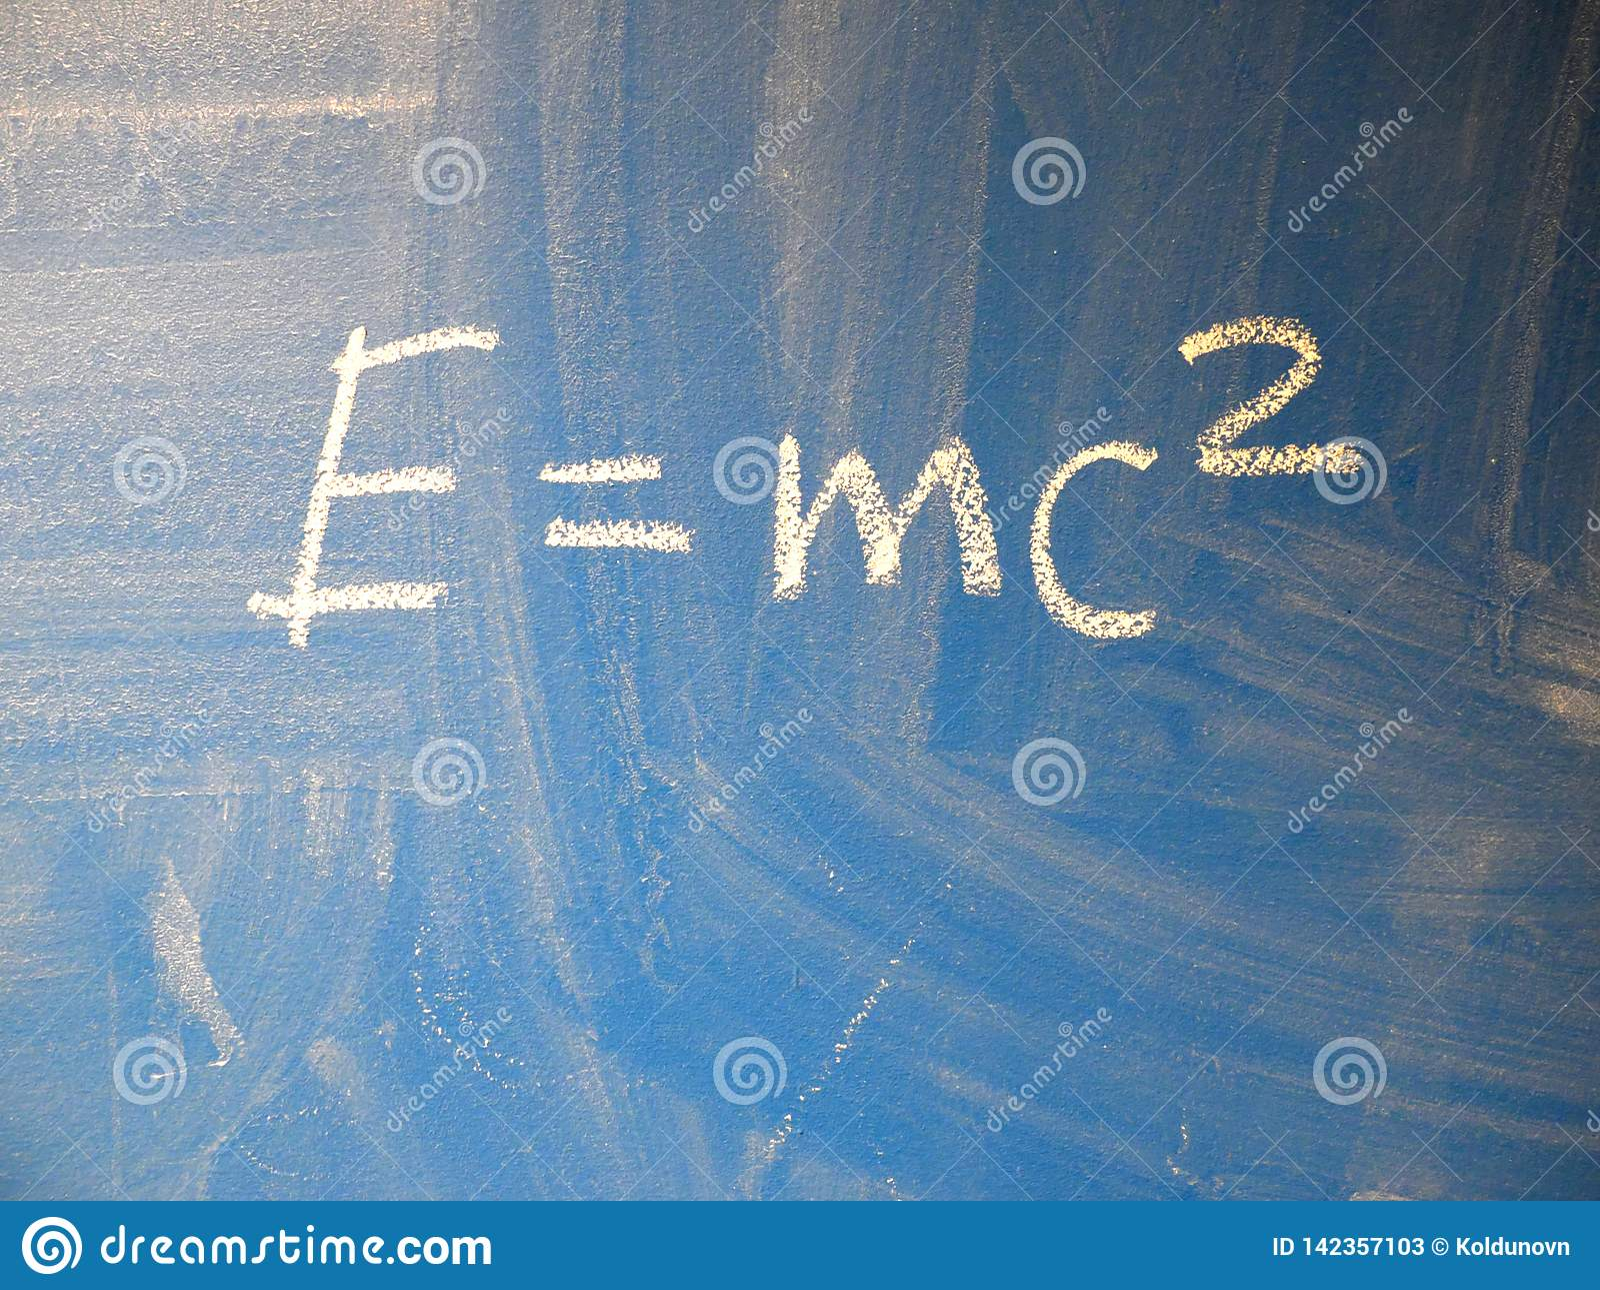 Ο μαθηματικός τύπος e=mc2 τακτοποίησε γραπτός σε έναν μπλε, σχετικά βρώμικο πίνακα κιμωλίας από την κιμωλία